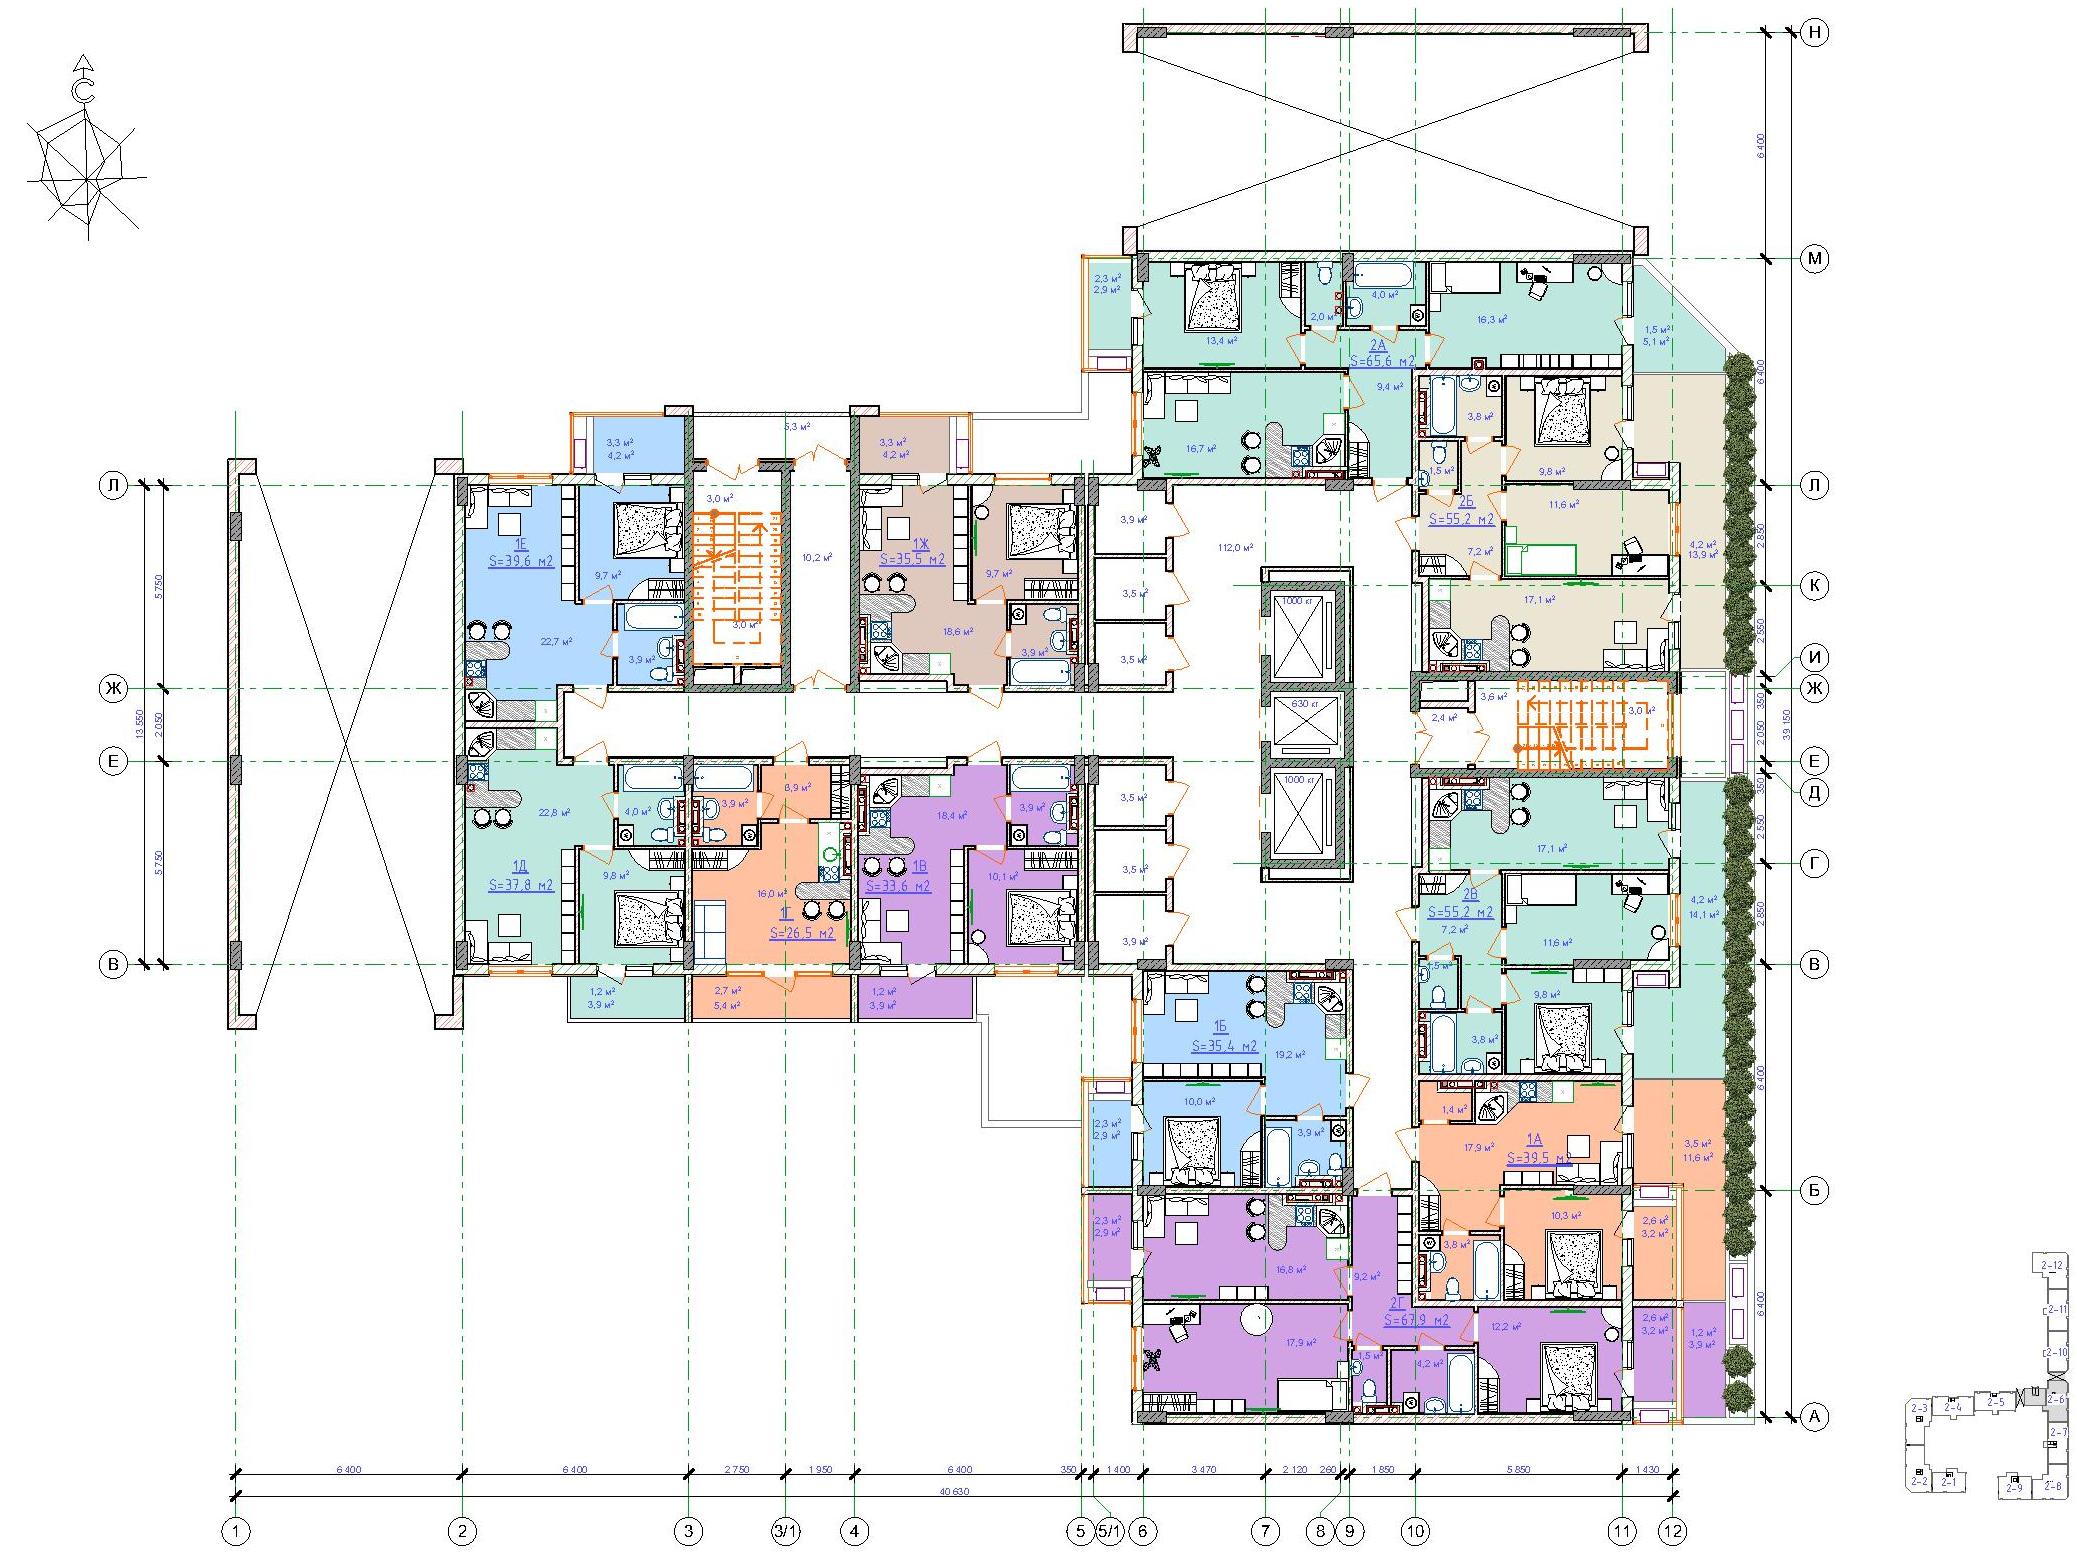 ЖК Таировские сады / Дом №2 / Секция 6 / План 2-го этажа